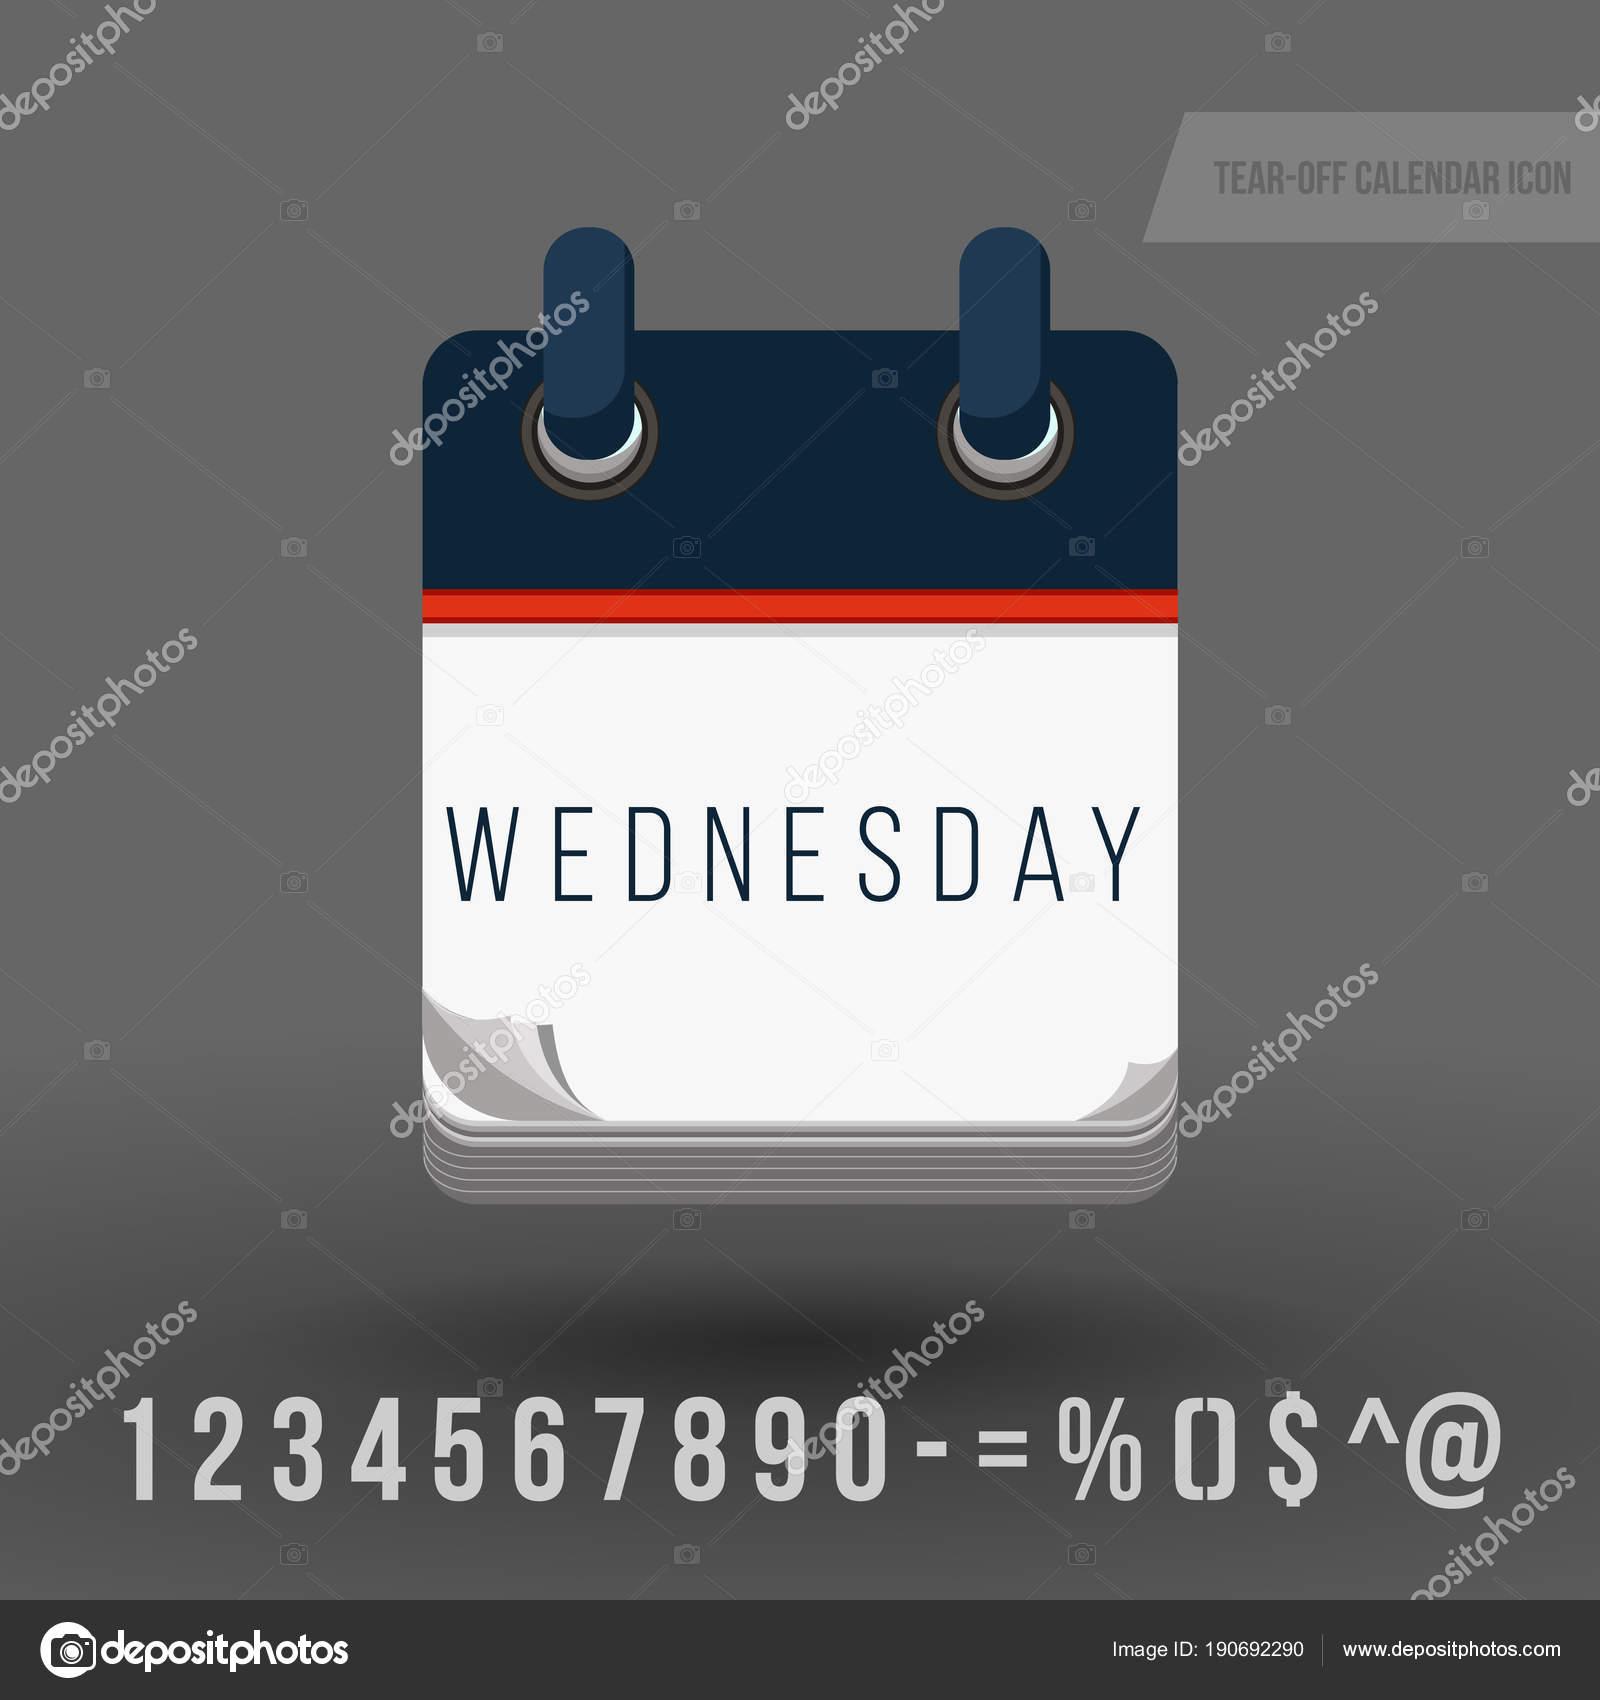 Visualizza Calendario.Sradicano Il Calendario Carta Visualizza Mercoledi